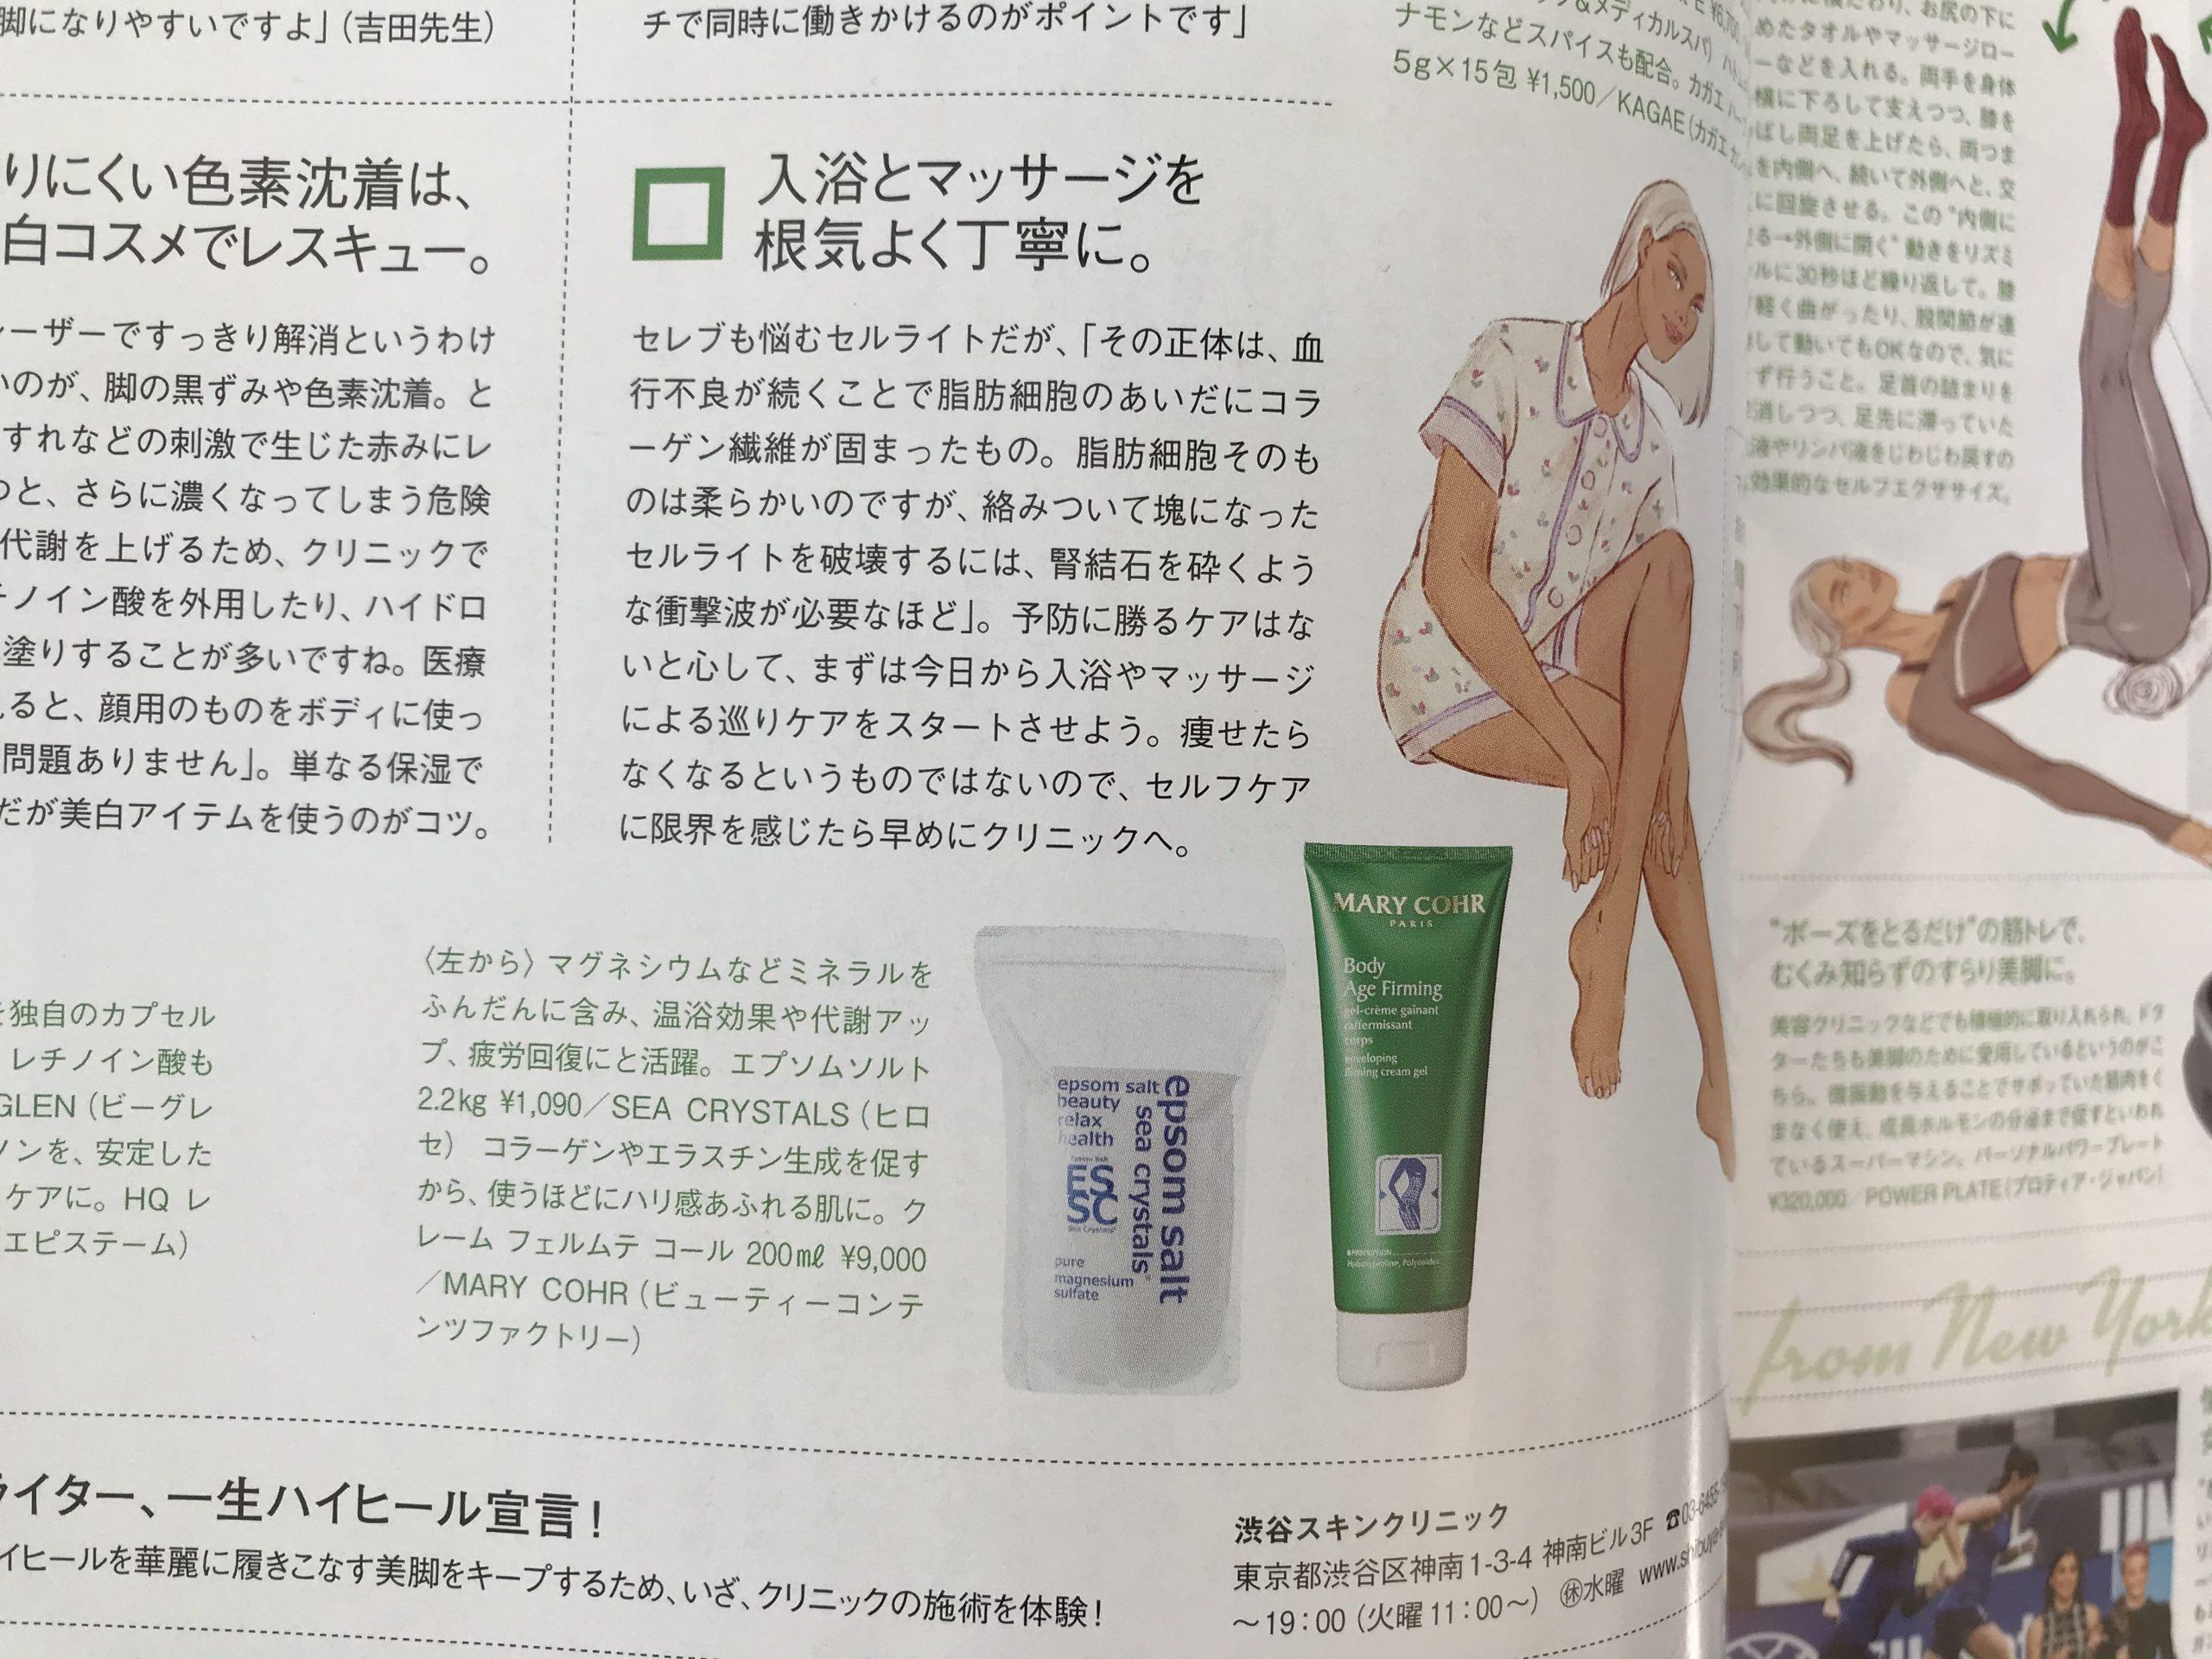 シークリスタルス 雑誌掲載 VOGUE JAPAN 5月号